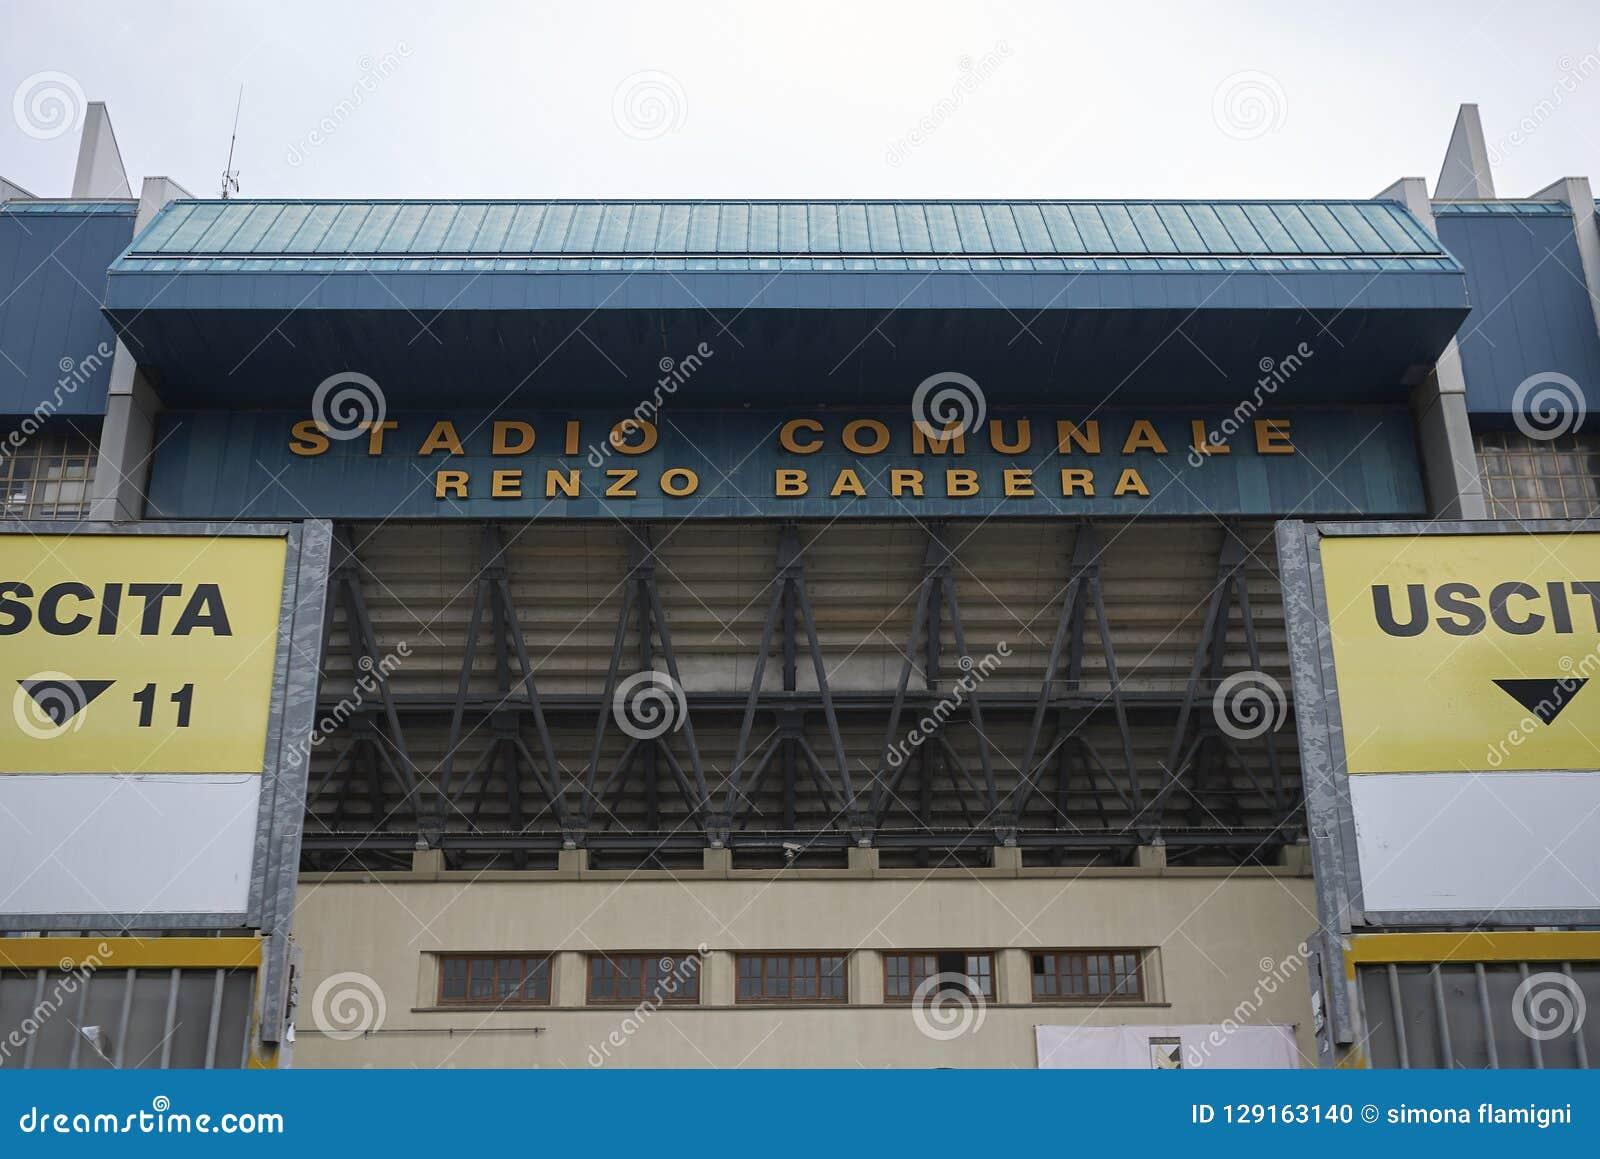 Ansicht von Renzo Barbera-Stadion